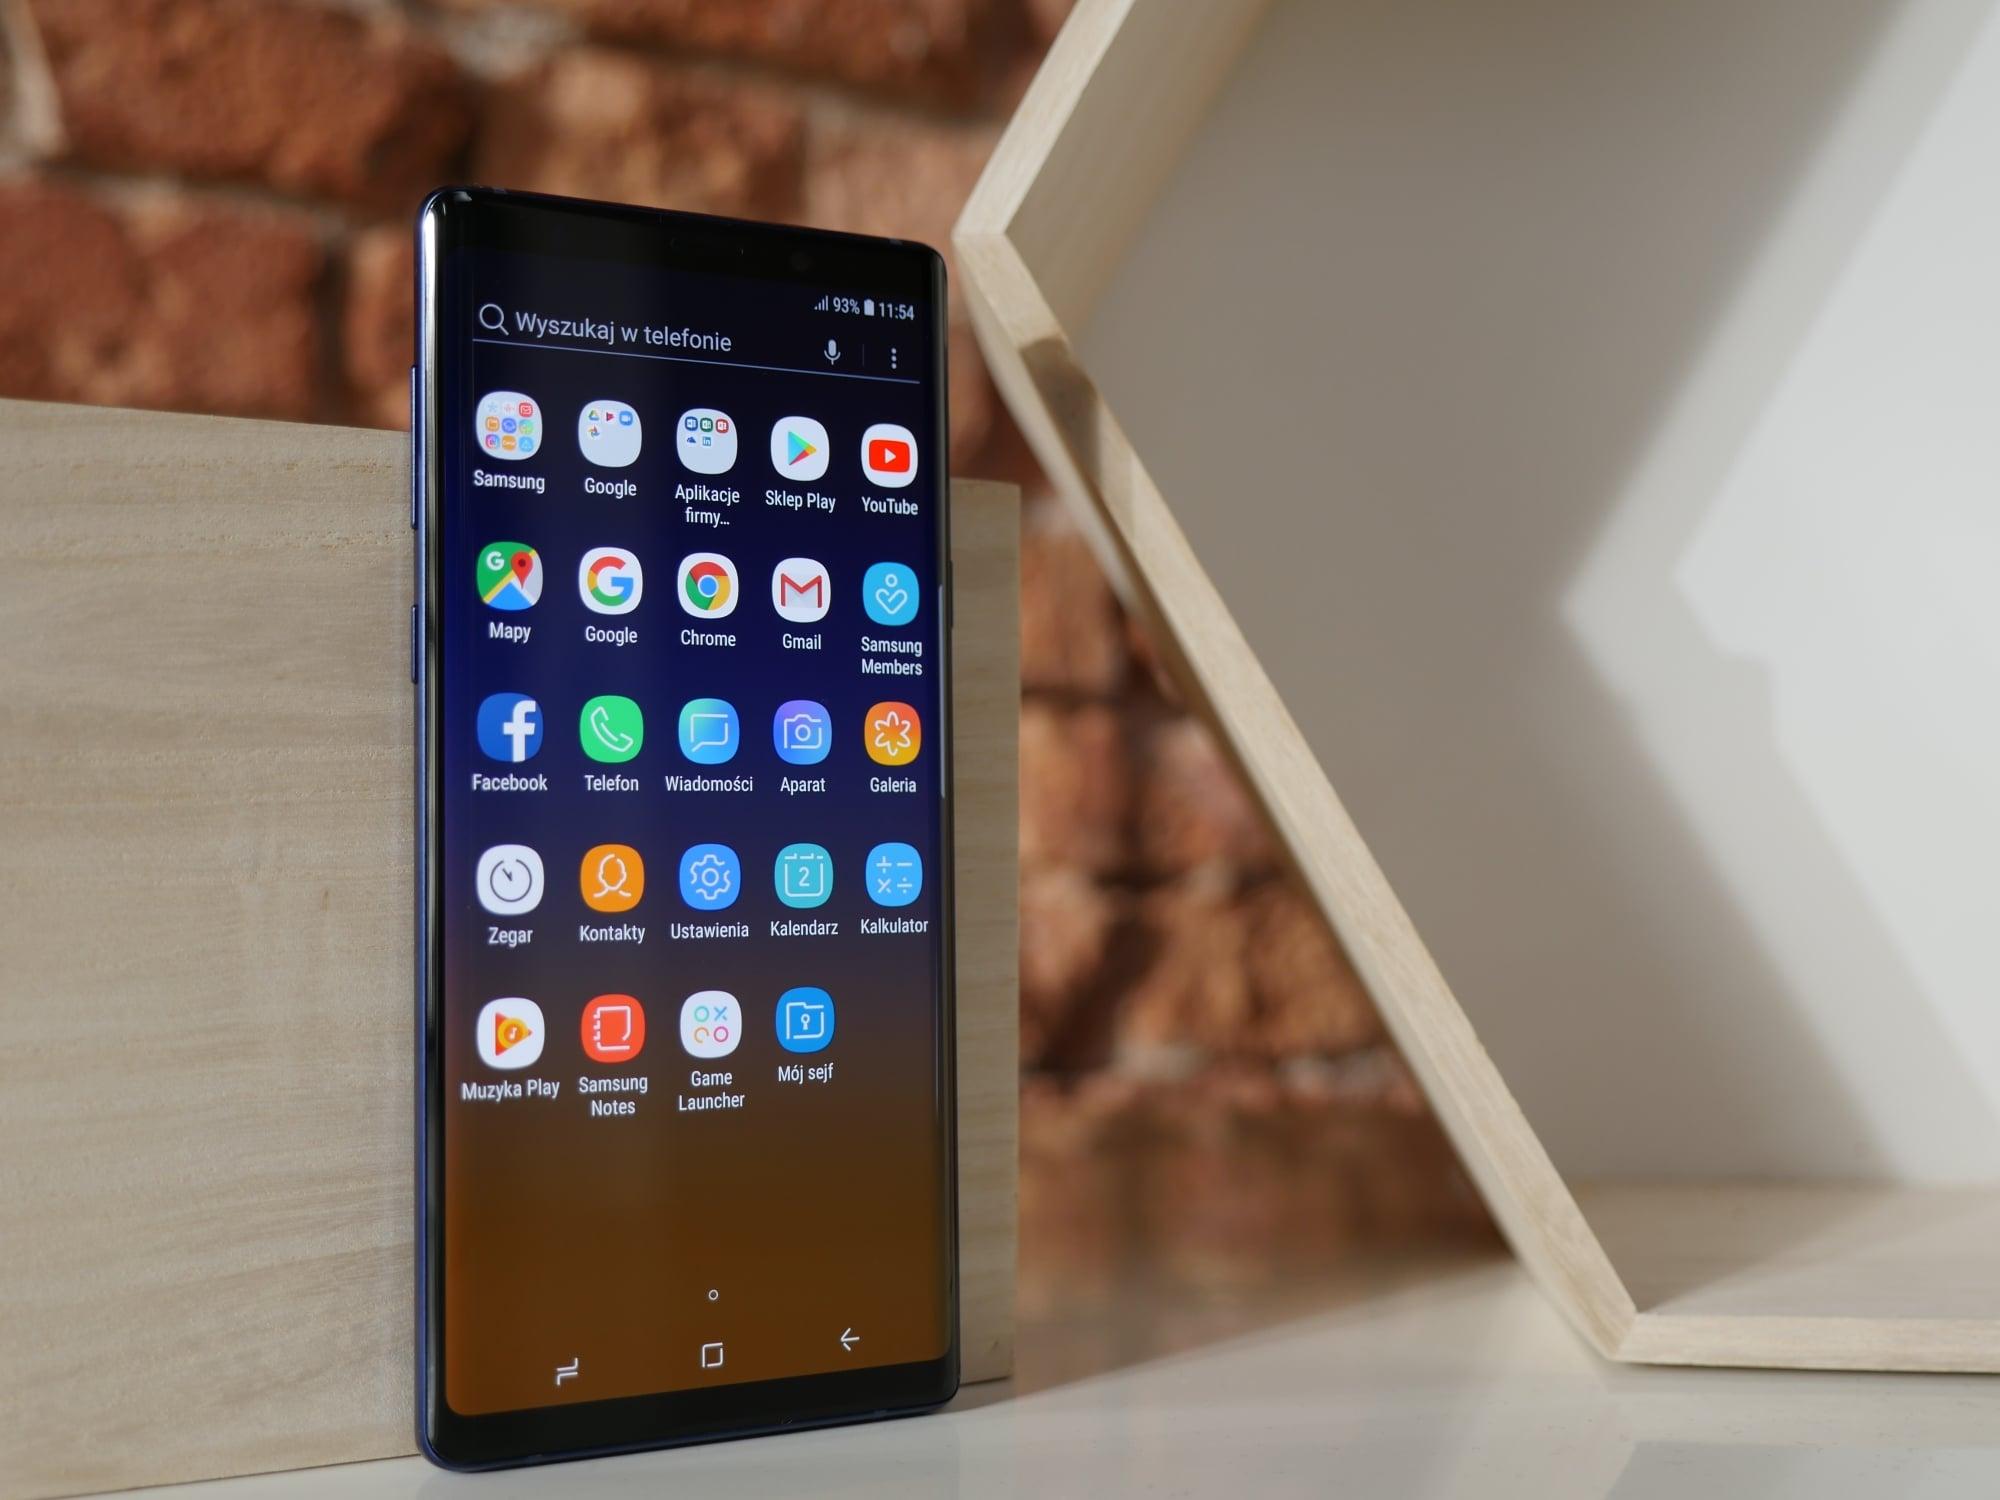 Recenzja Samsunga Galaxy Note 9. Jedni twierdzą, że nudny, inni - że prawie idealny. To jak to w końcu jest? 31